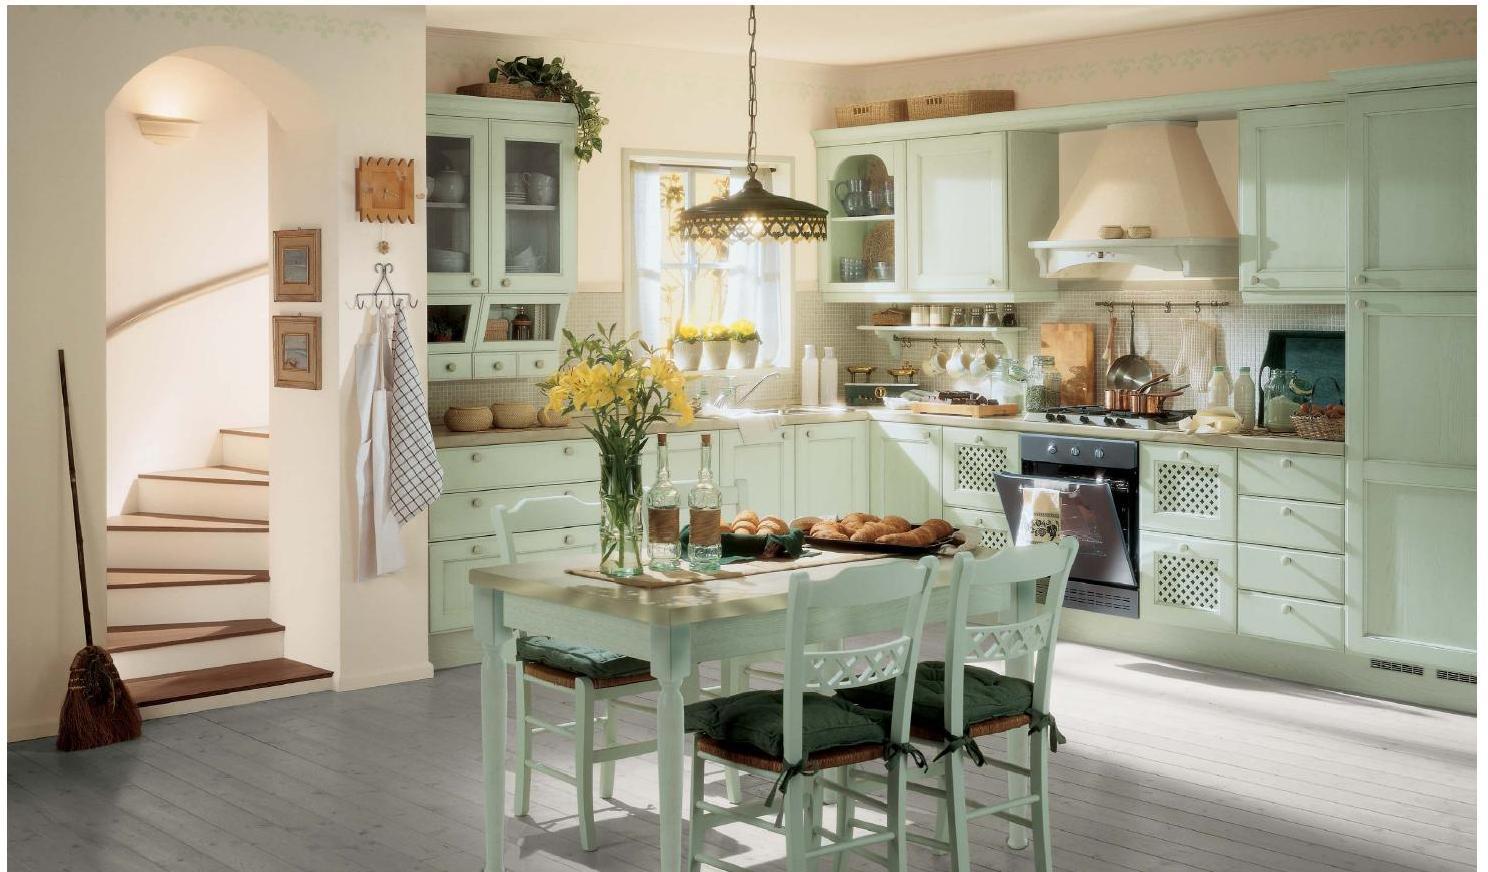 Прованс в интерьере фото кухня